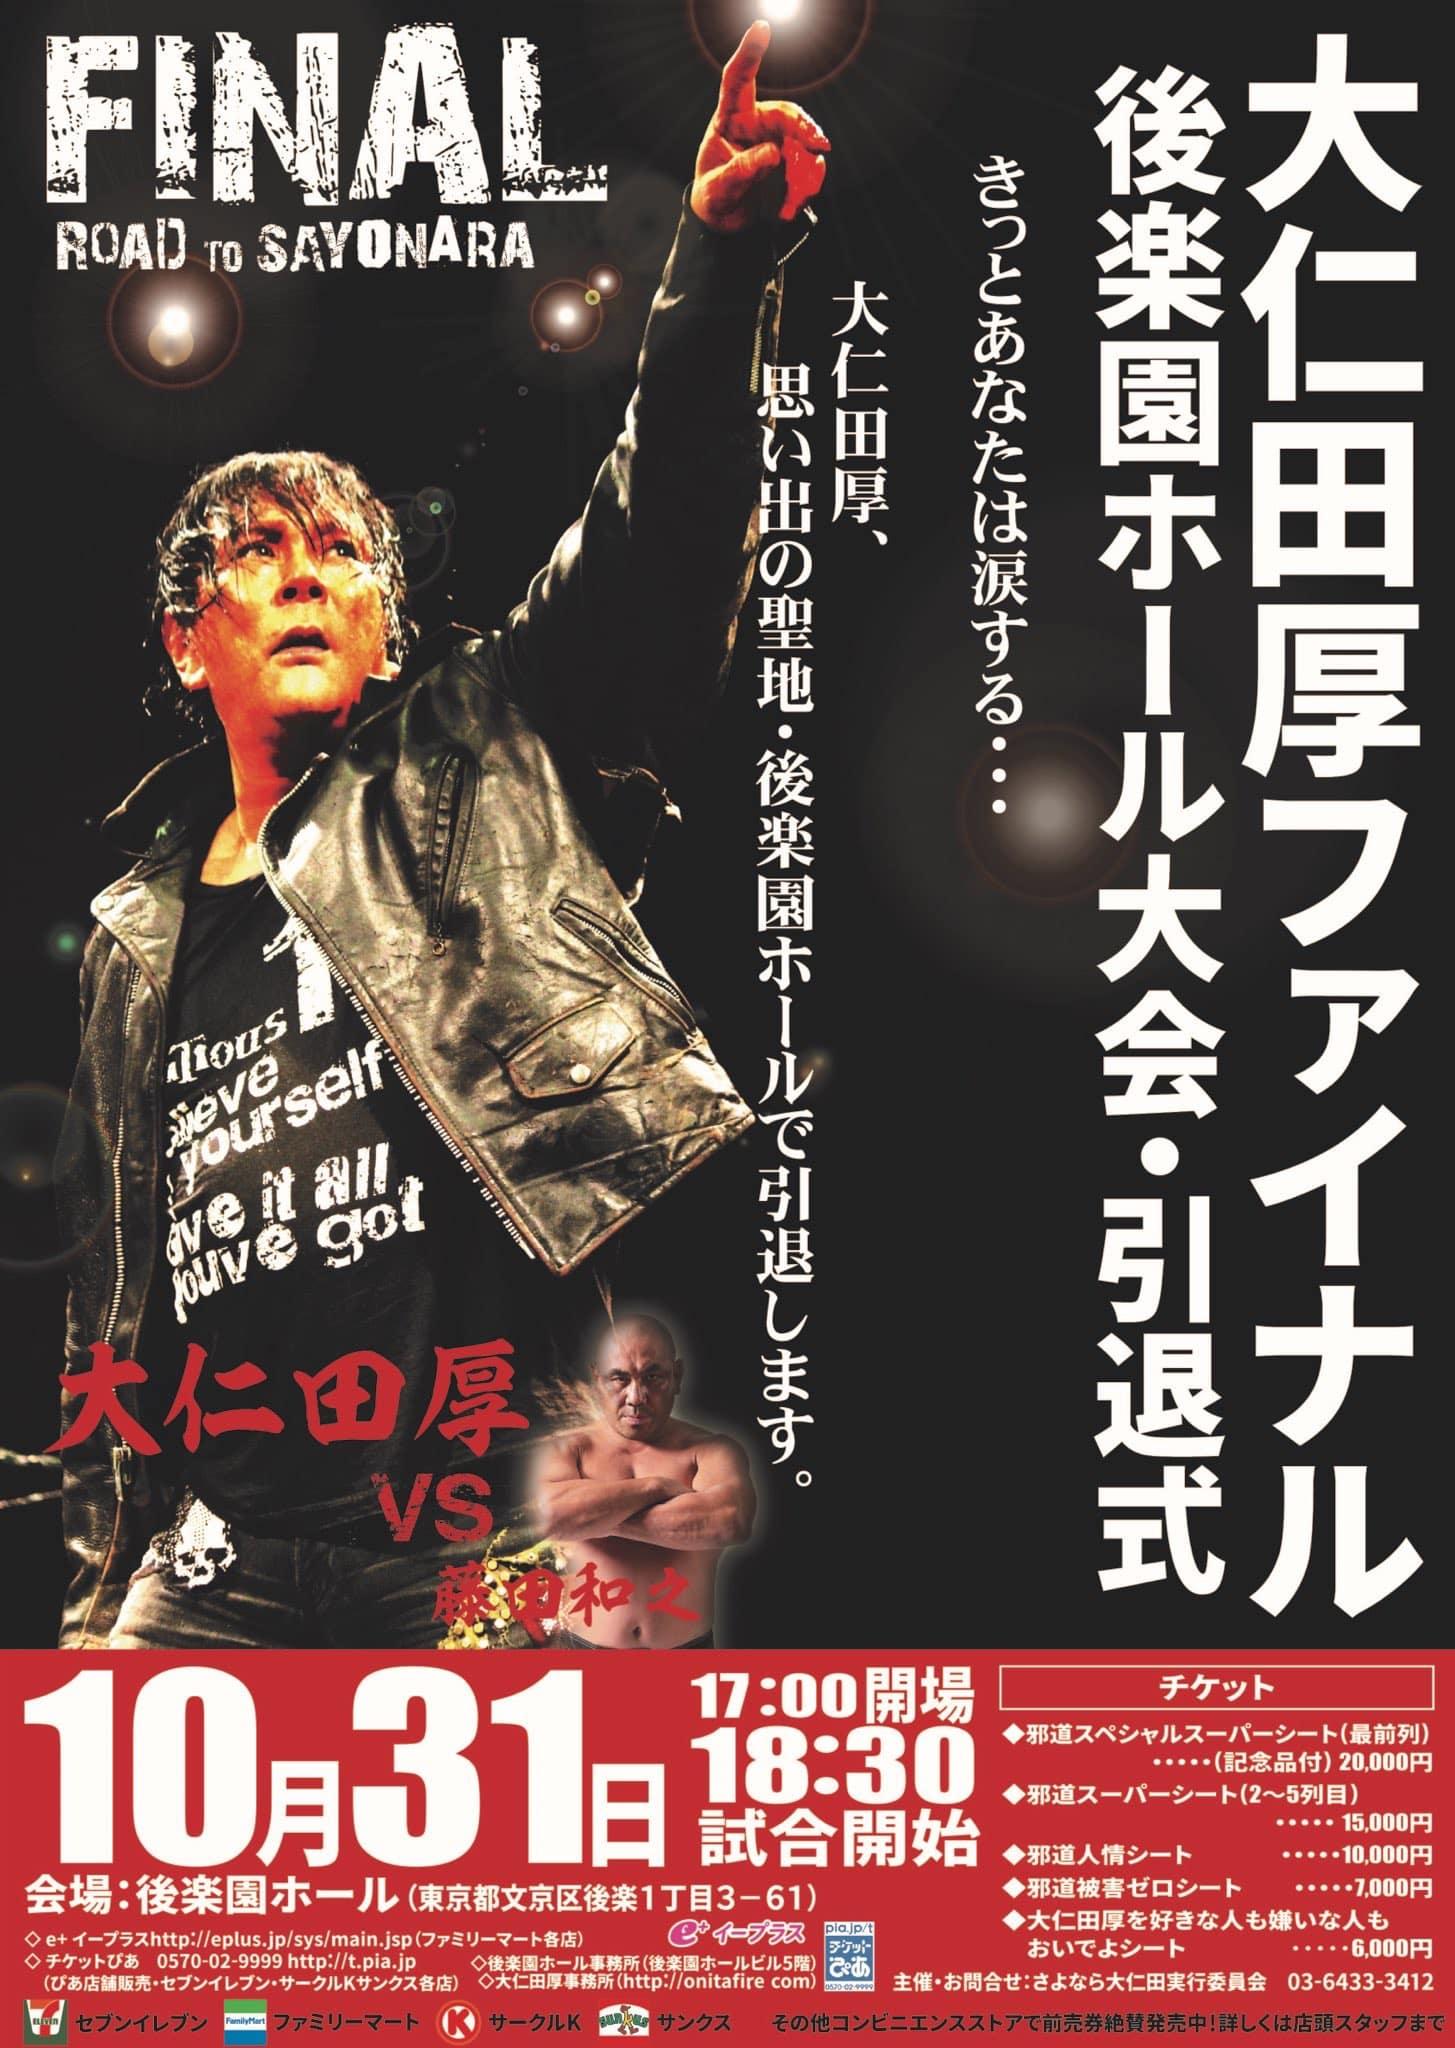 Atsushi Onita celebró 60 años de edad, confirmó su retiro. 3